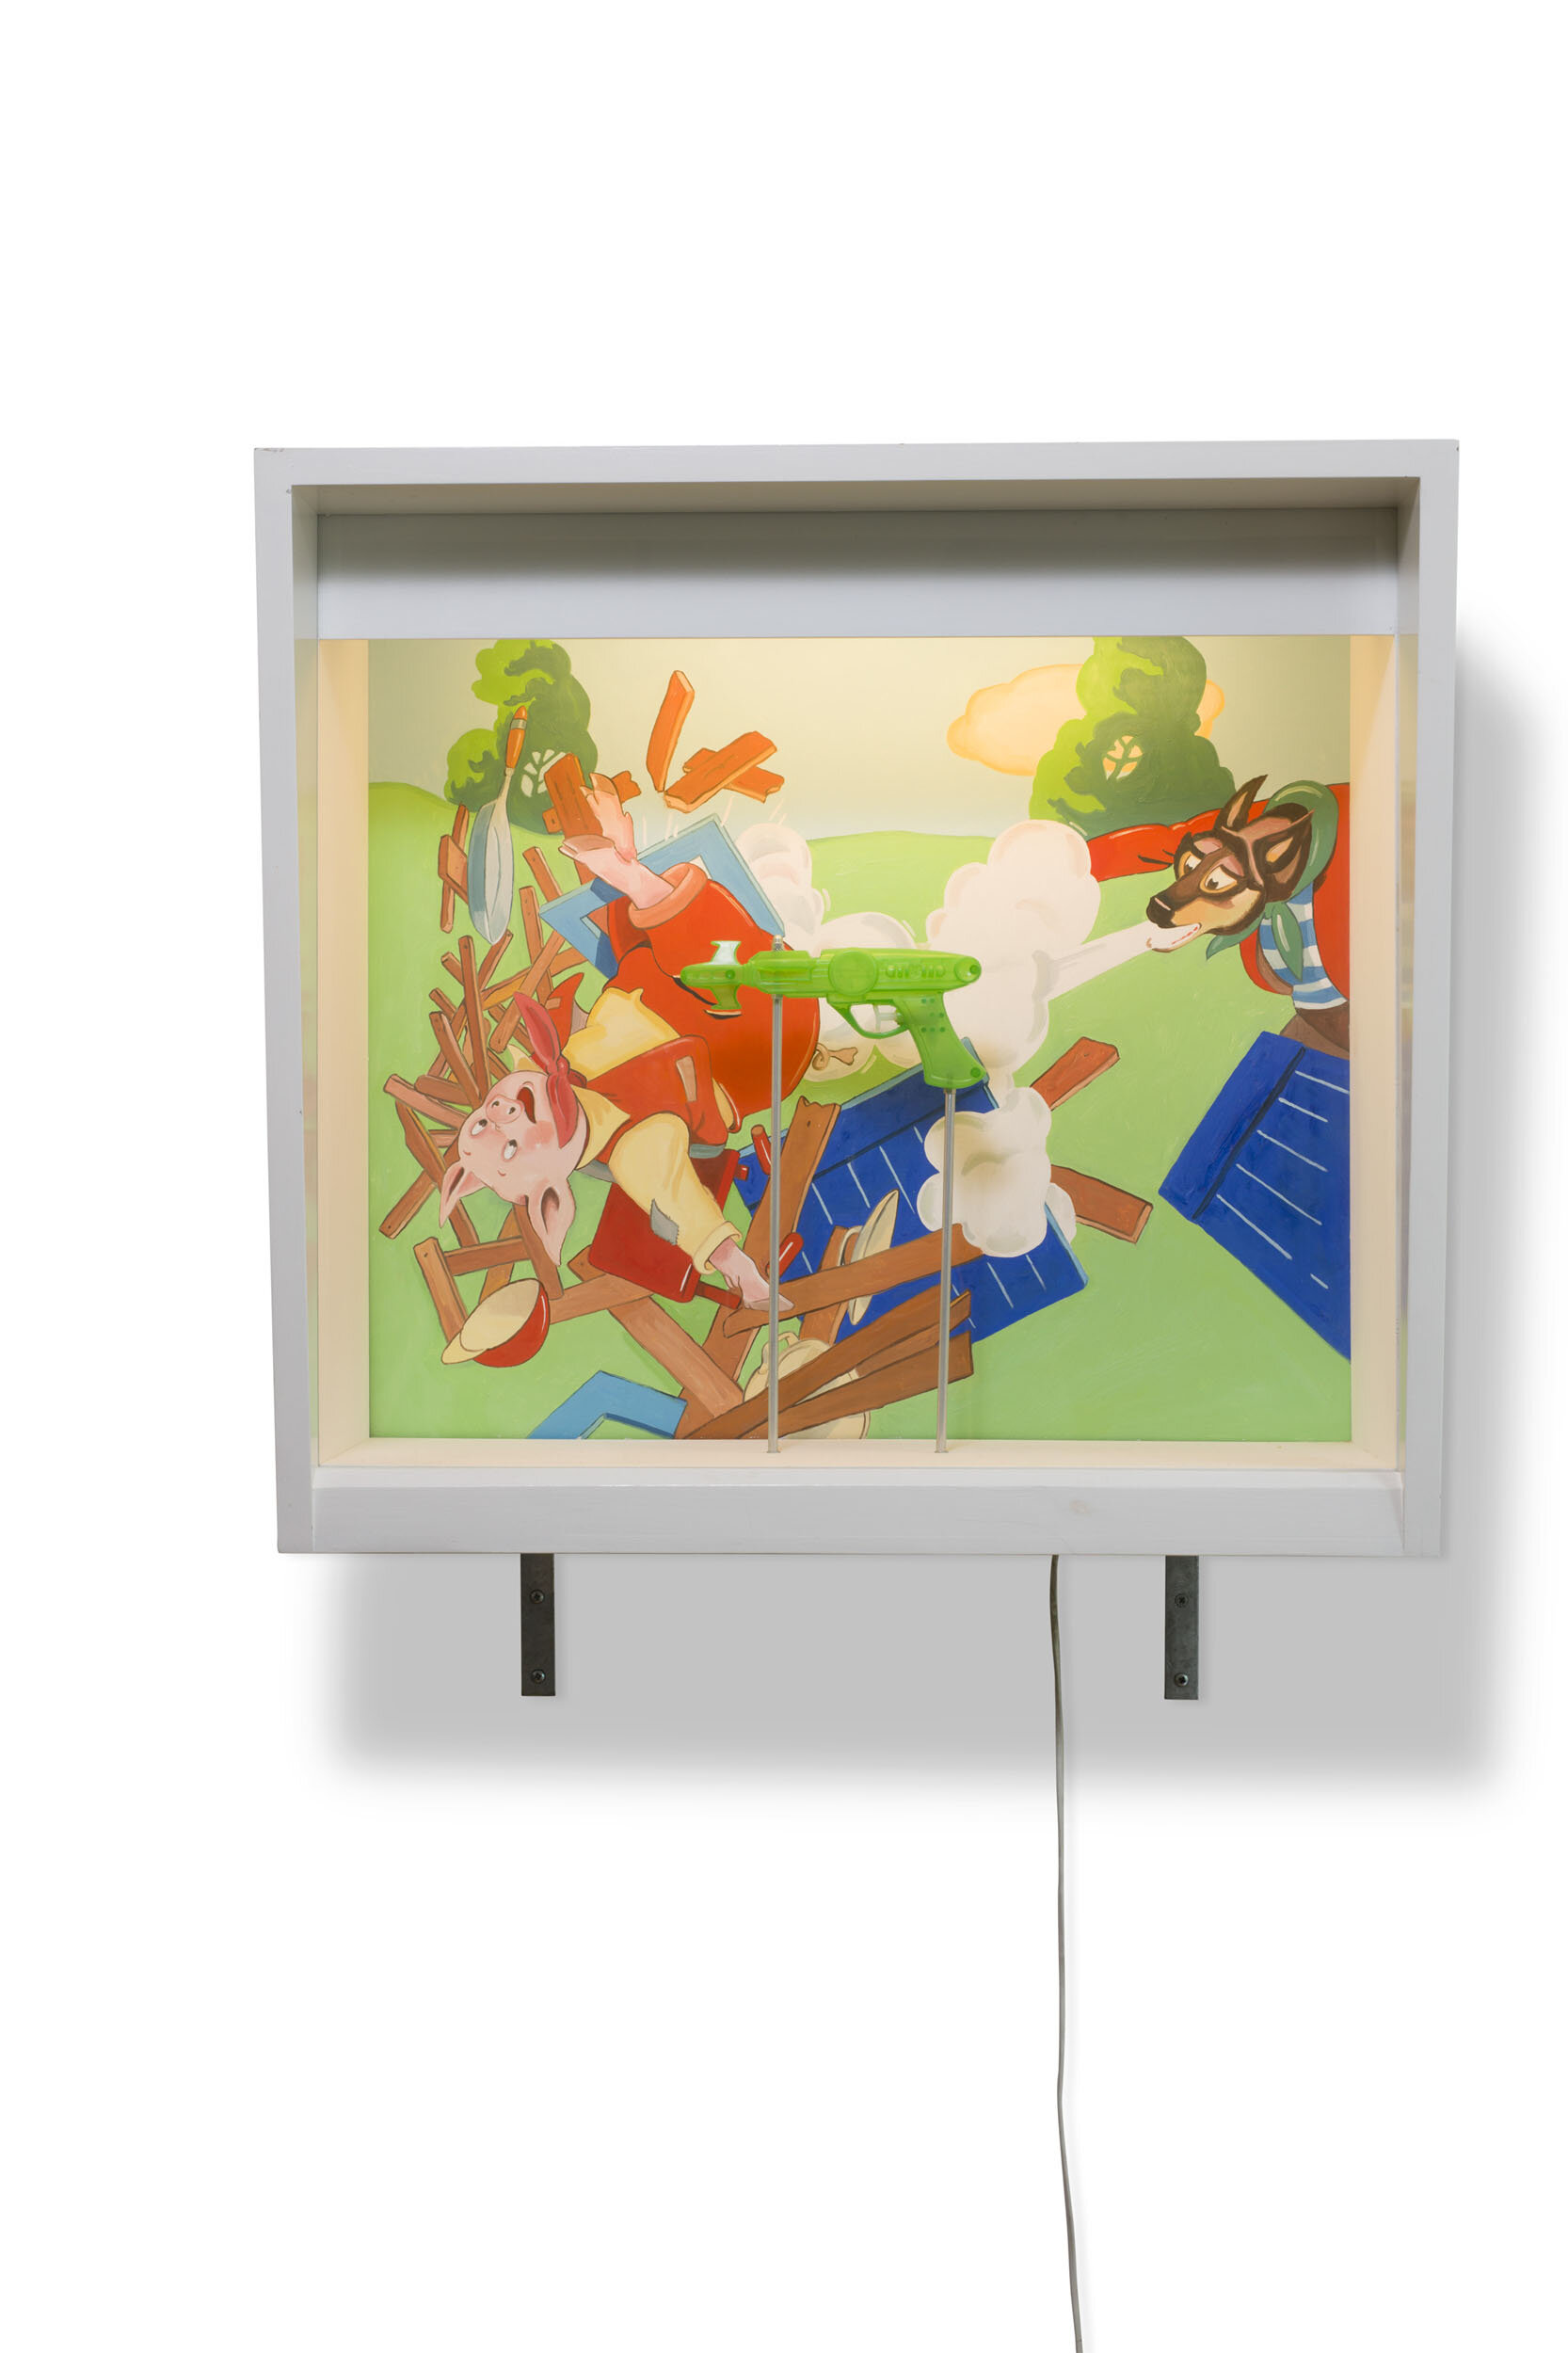 Martin Wickström   Fairyland III  1989 Signerad och daterad a tergo Olja på masonit, MDF-låda, glas, plast, metall, belysning, el 72,5 x 77,5 x 33 cm